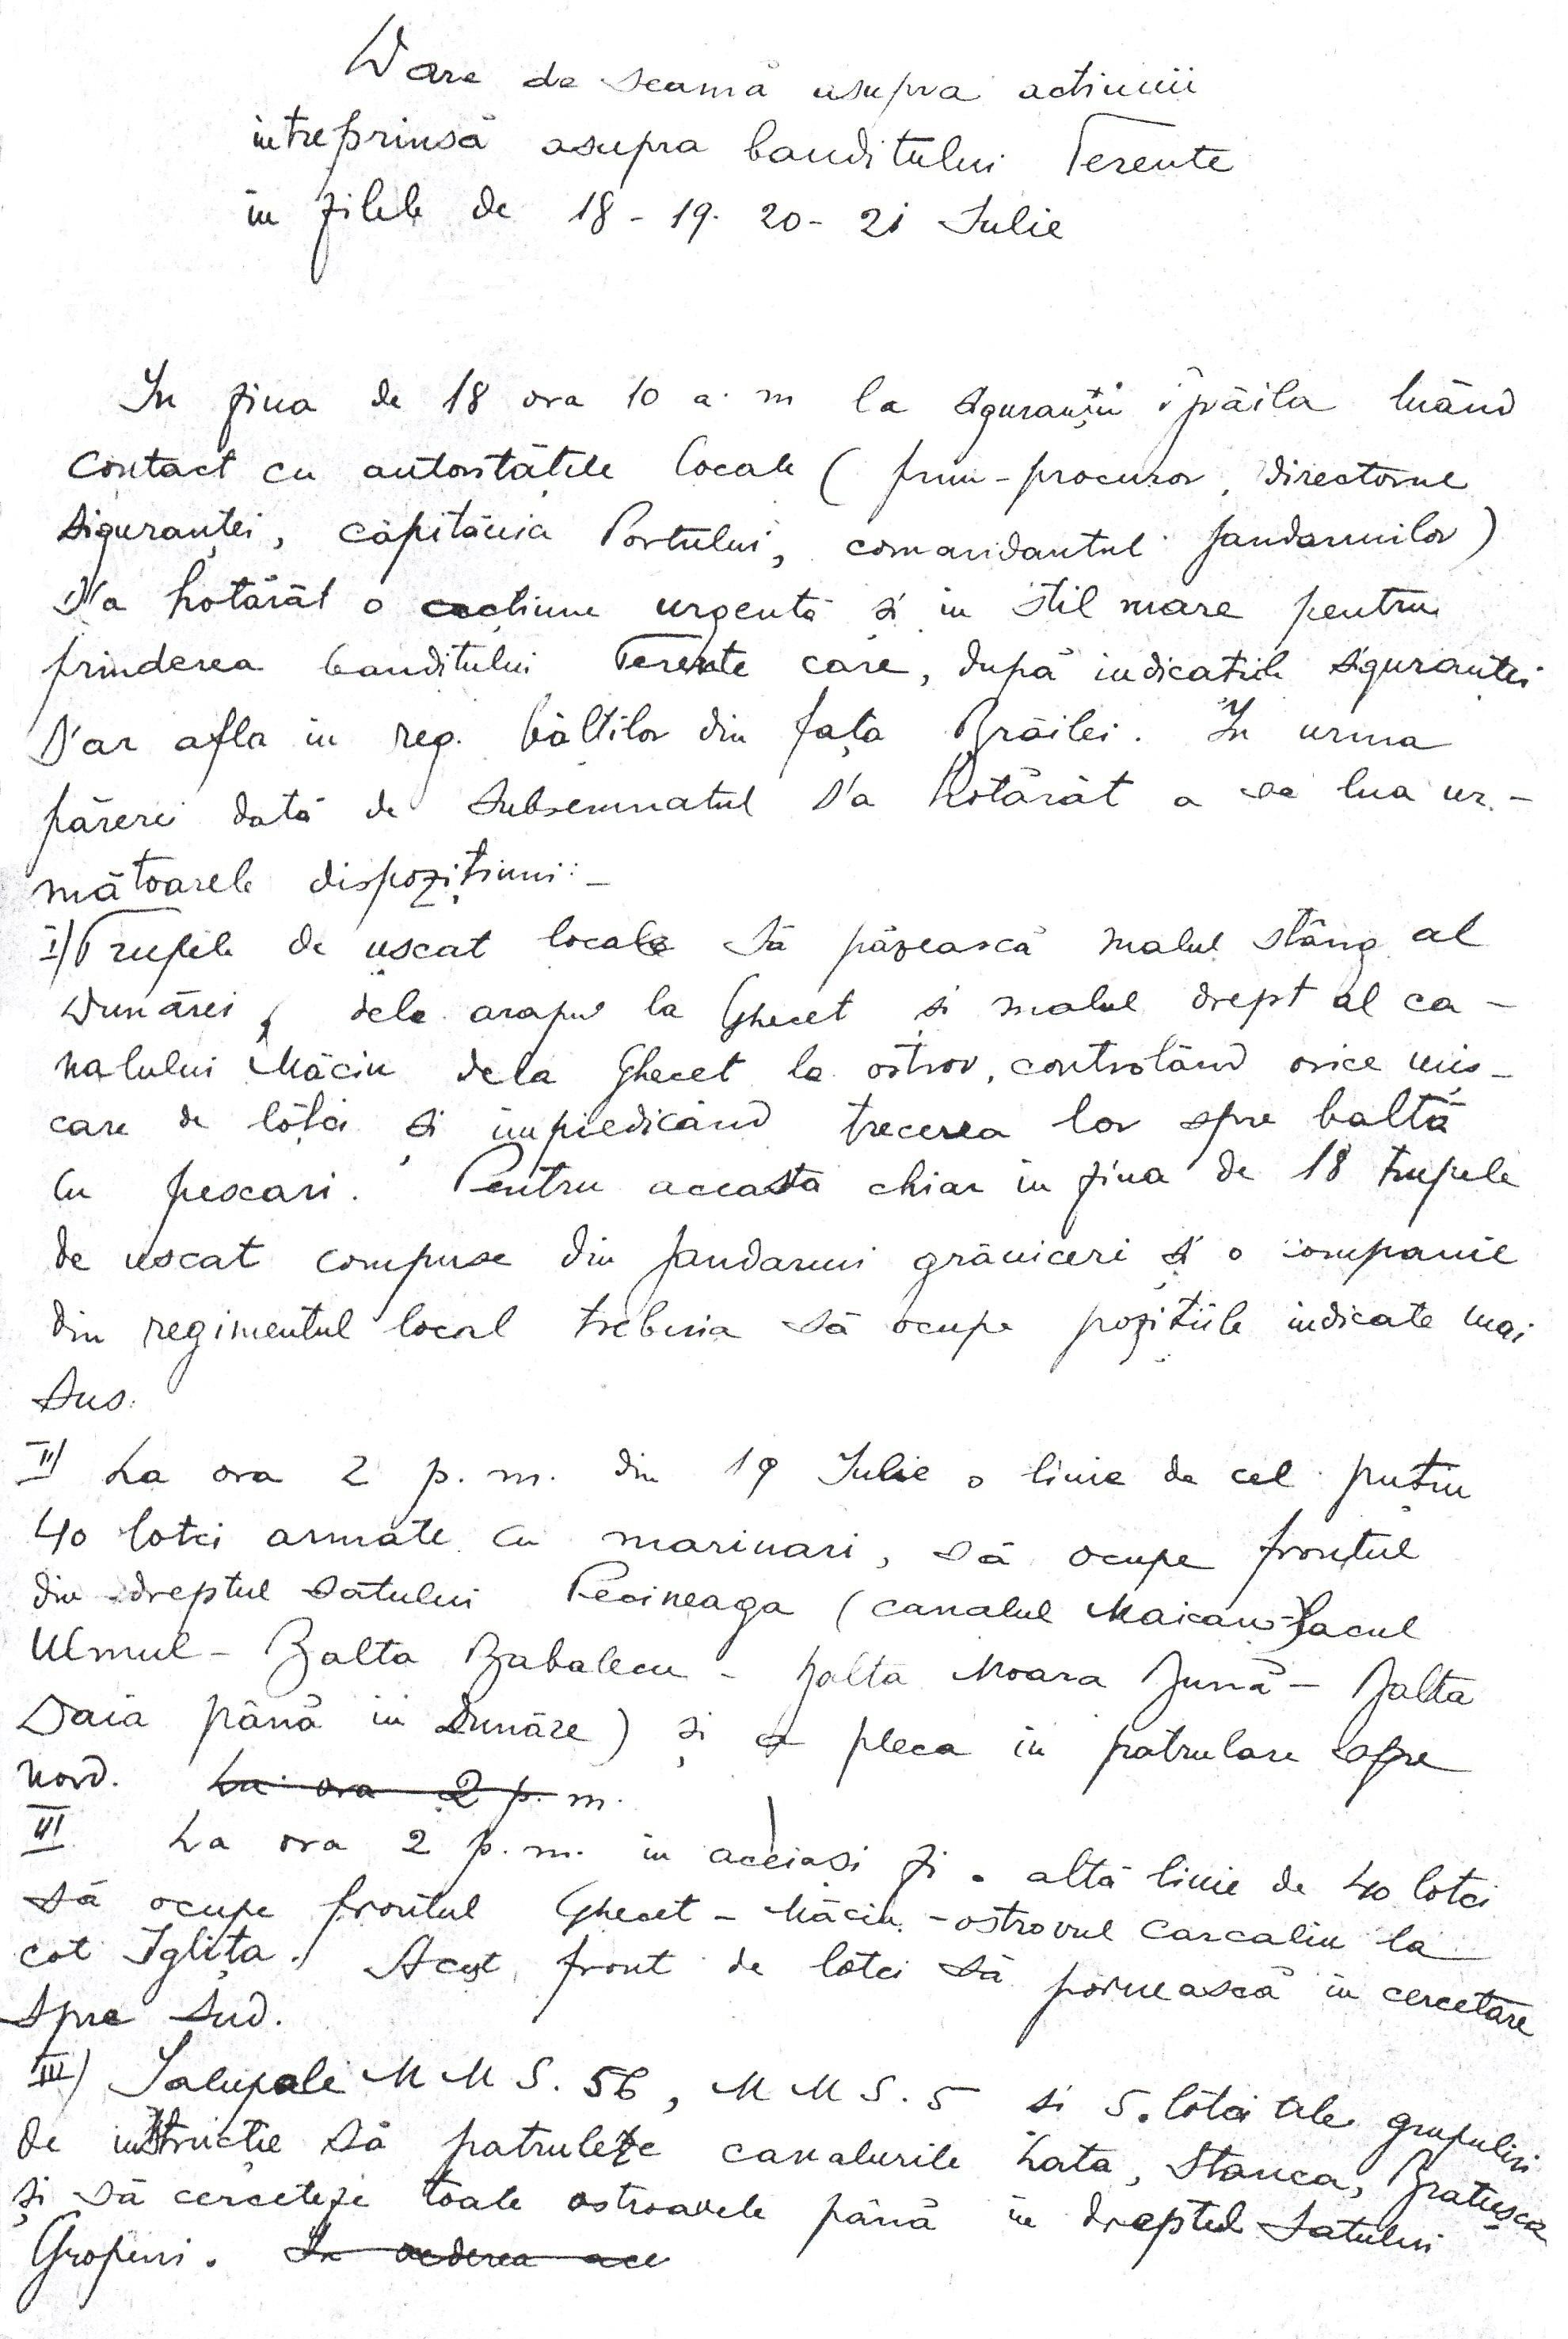 """""""Dare de seamă asupra acţiunii întreprinse asupra banditului Terente în zilele de 18 - 19, 20 - 21 iulie""""."""